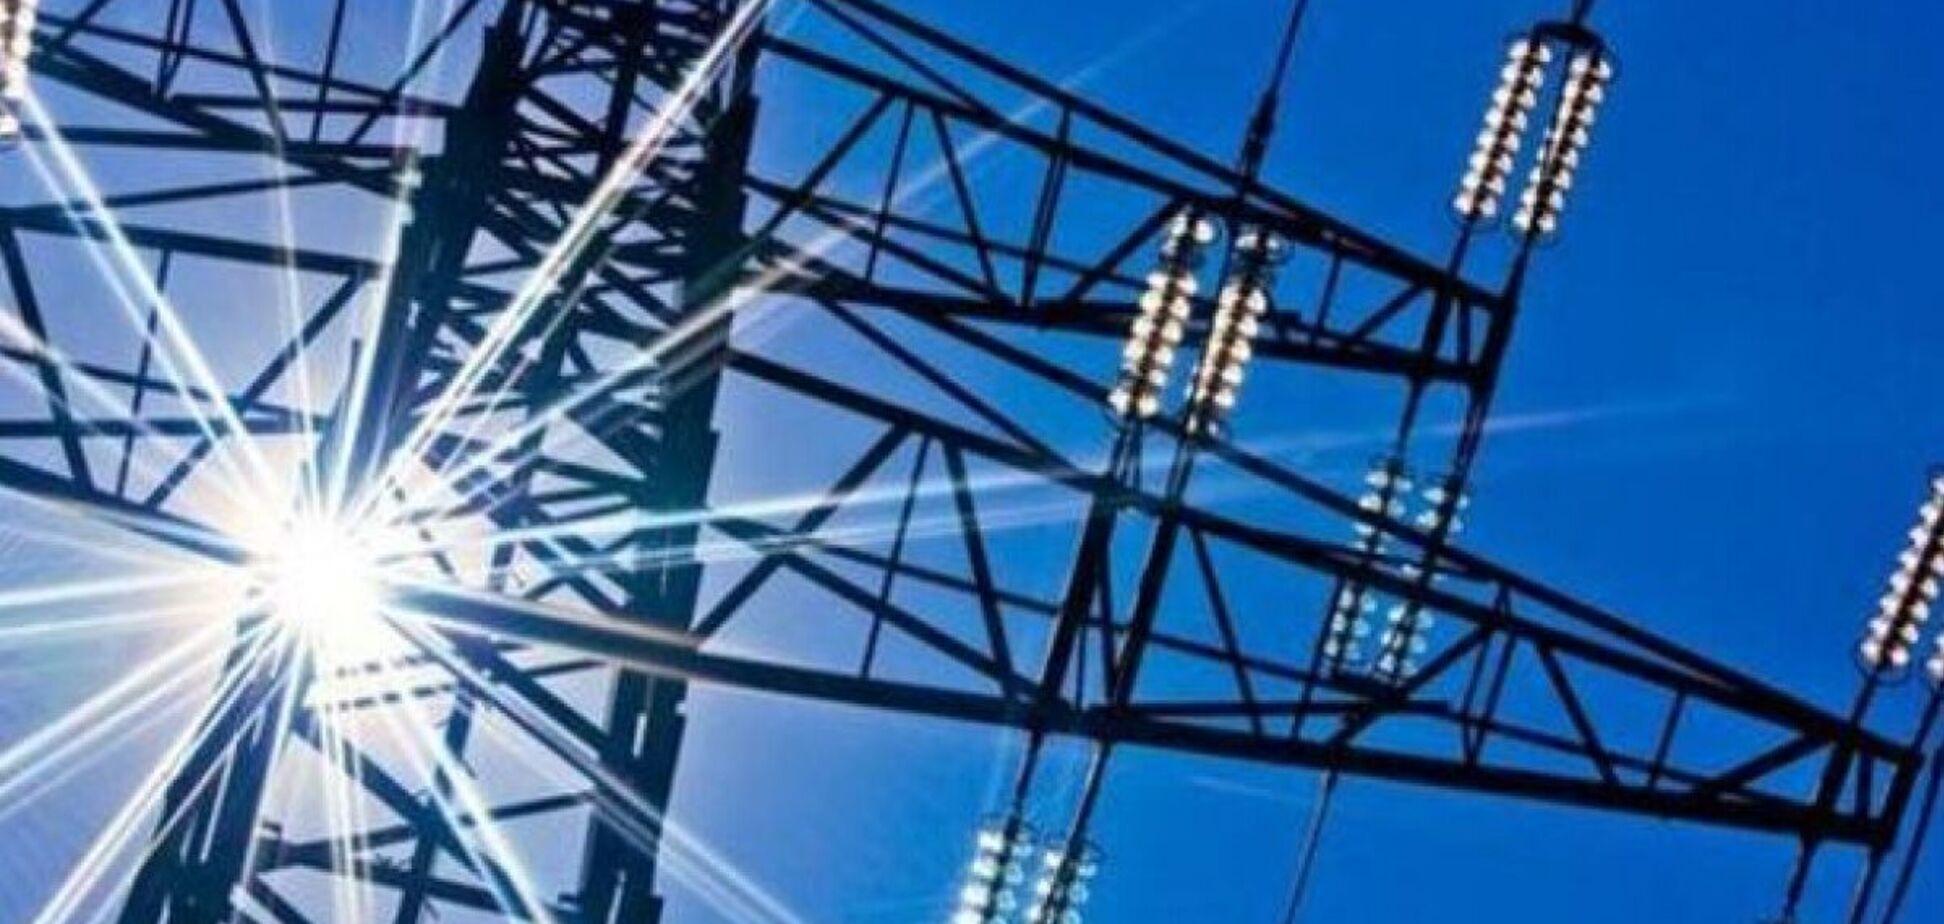 26 жовтня умережі одночасно працює 28 енергоблоків ТЕС ДТЕК